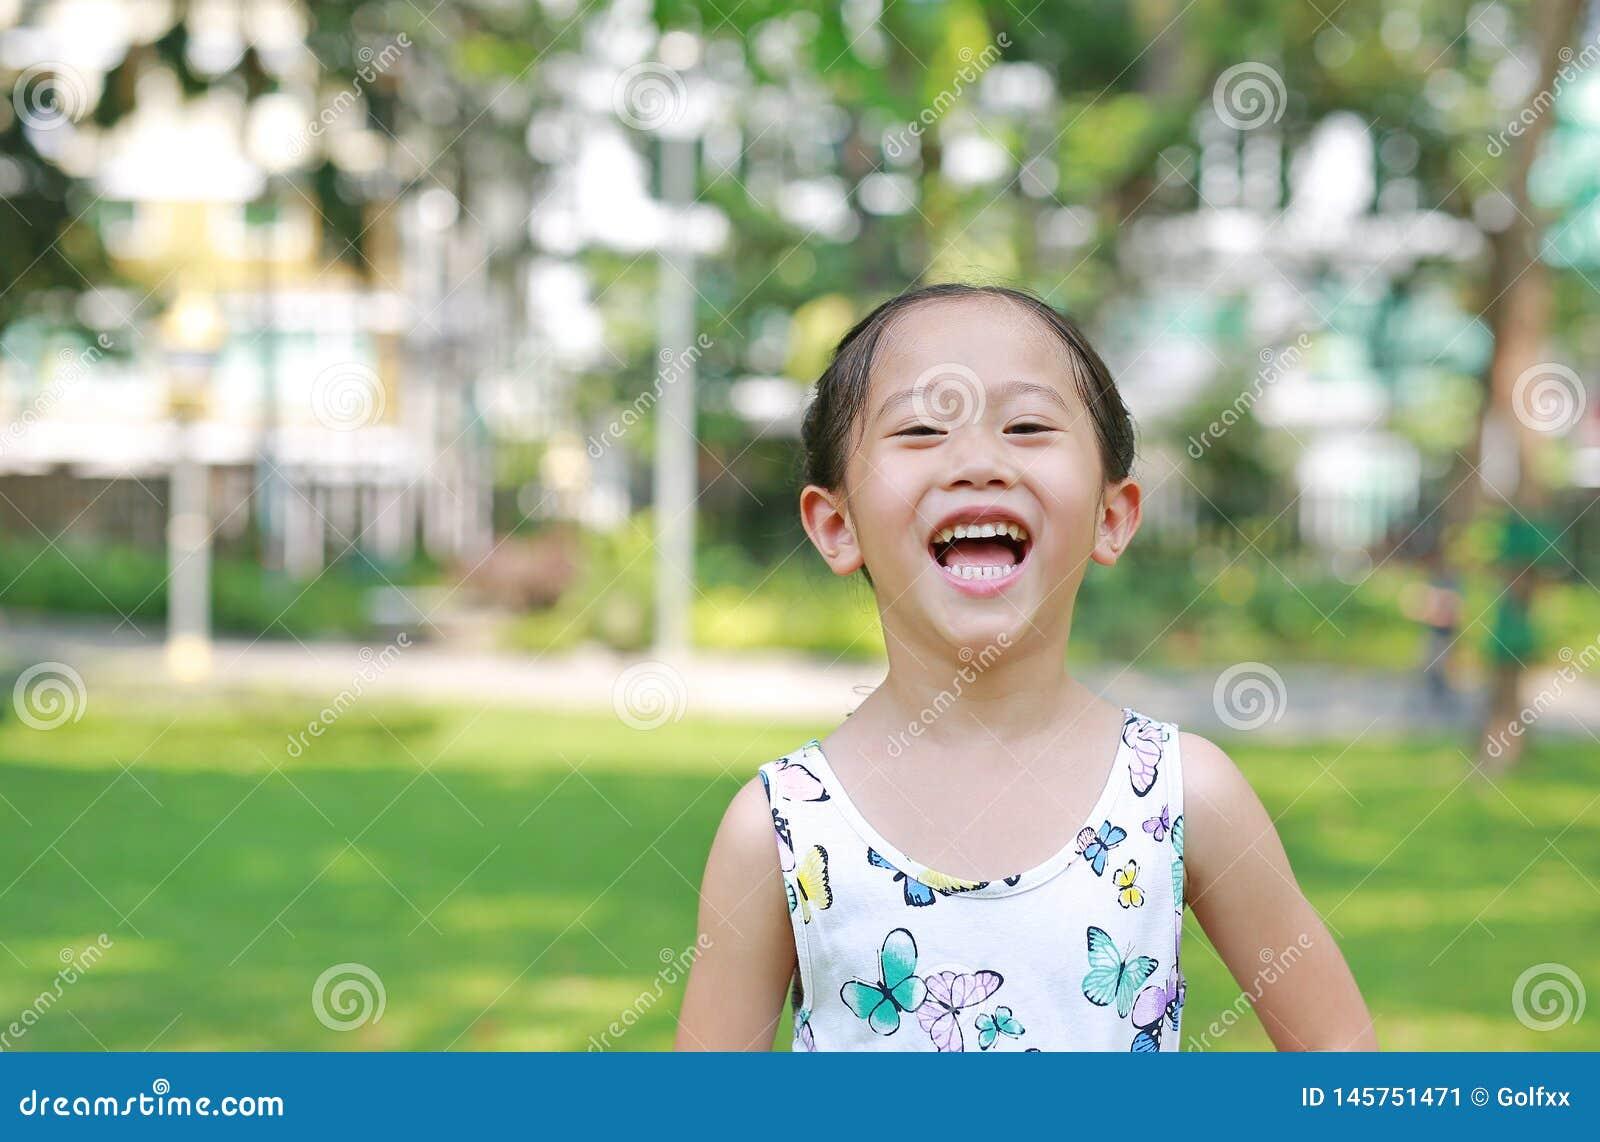 Πορτρέτο ευτυχούς λίγο ασιατικό κορίτσι παιδιών στο ηλιόλουστο πράσινο πάρκο